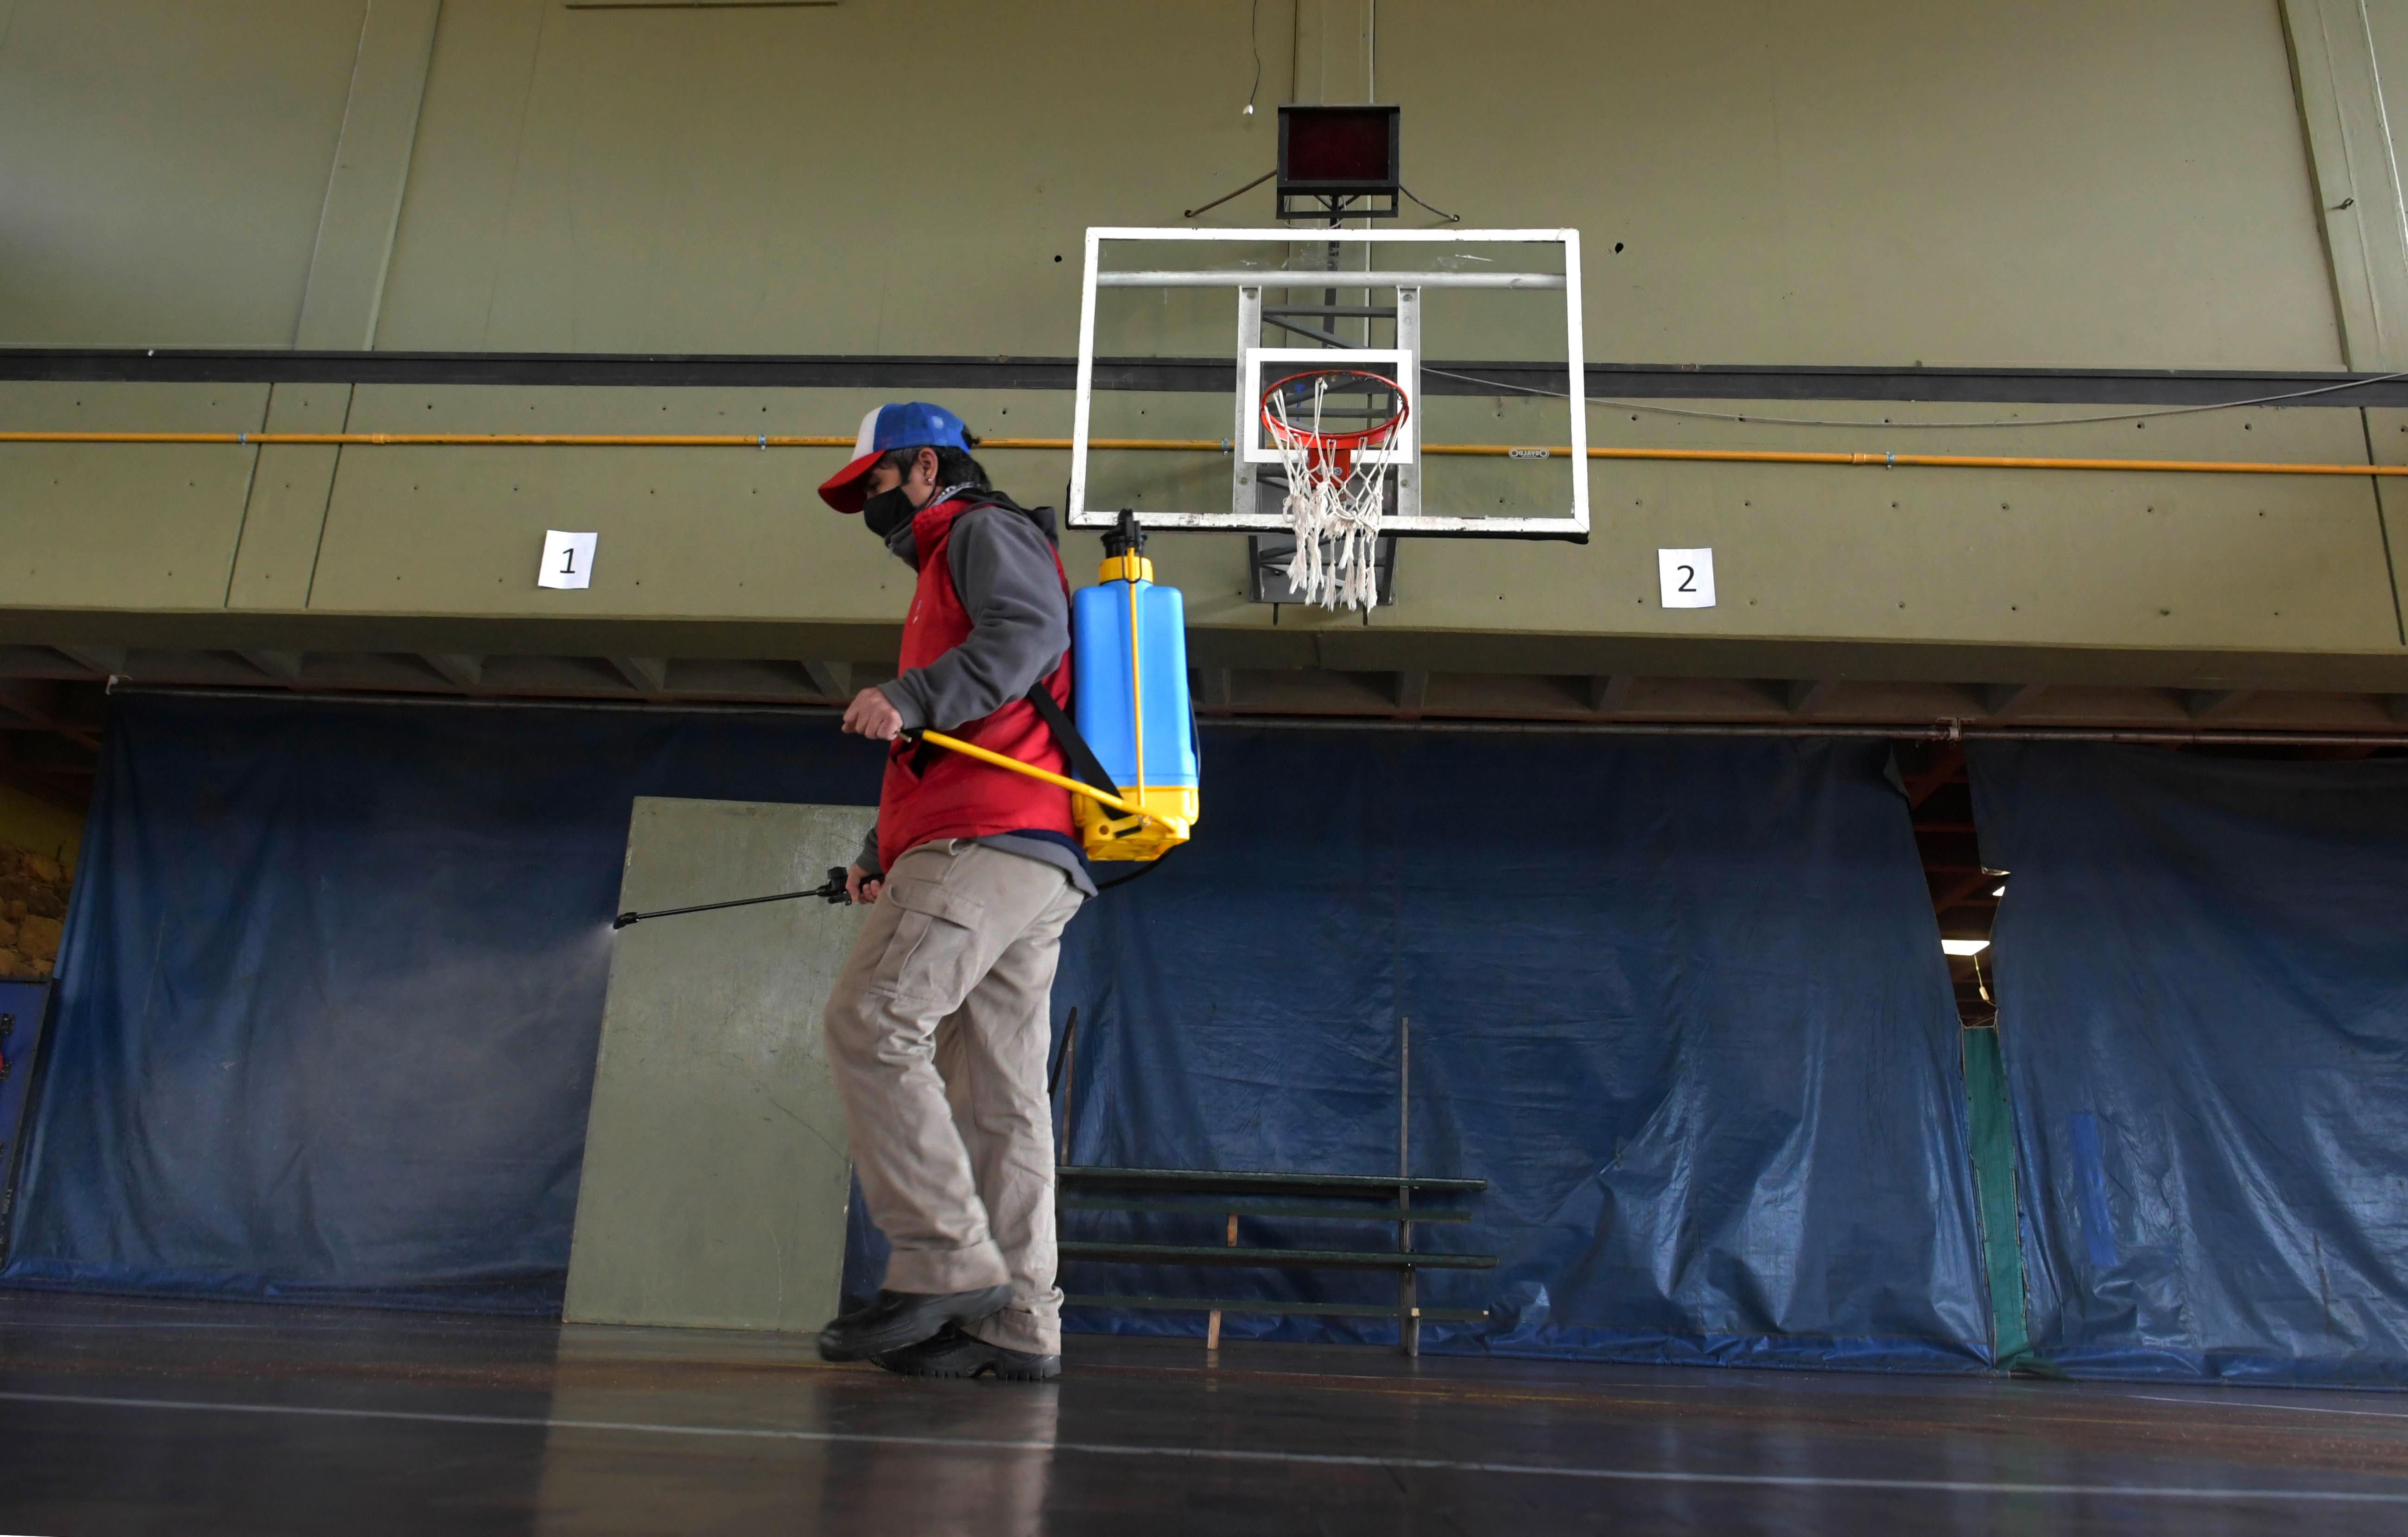 El básquet, una de las actividades que volverá a los clubes de Mendoza bajo medidas sanitarias. / Orlando Pelichotti